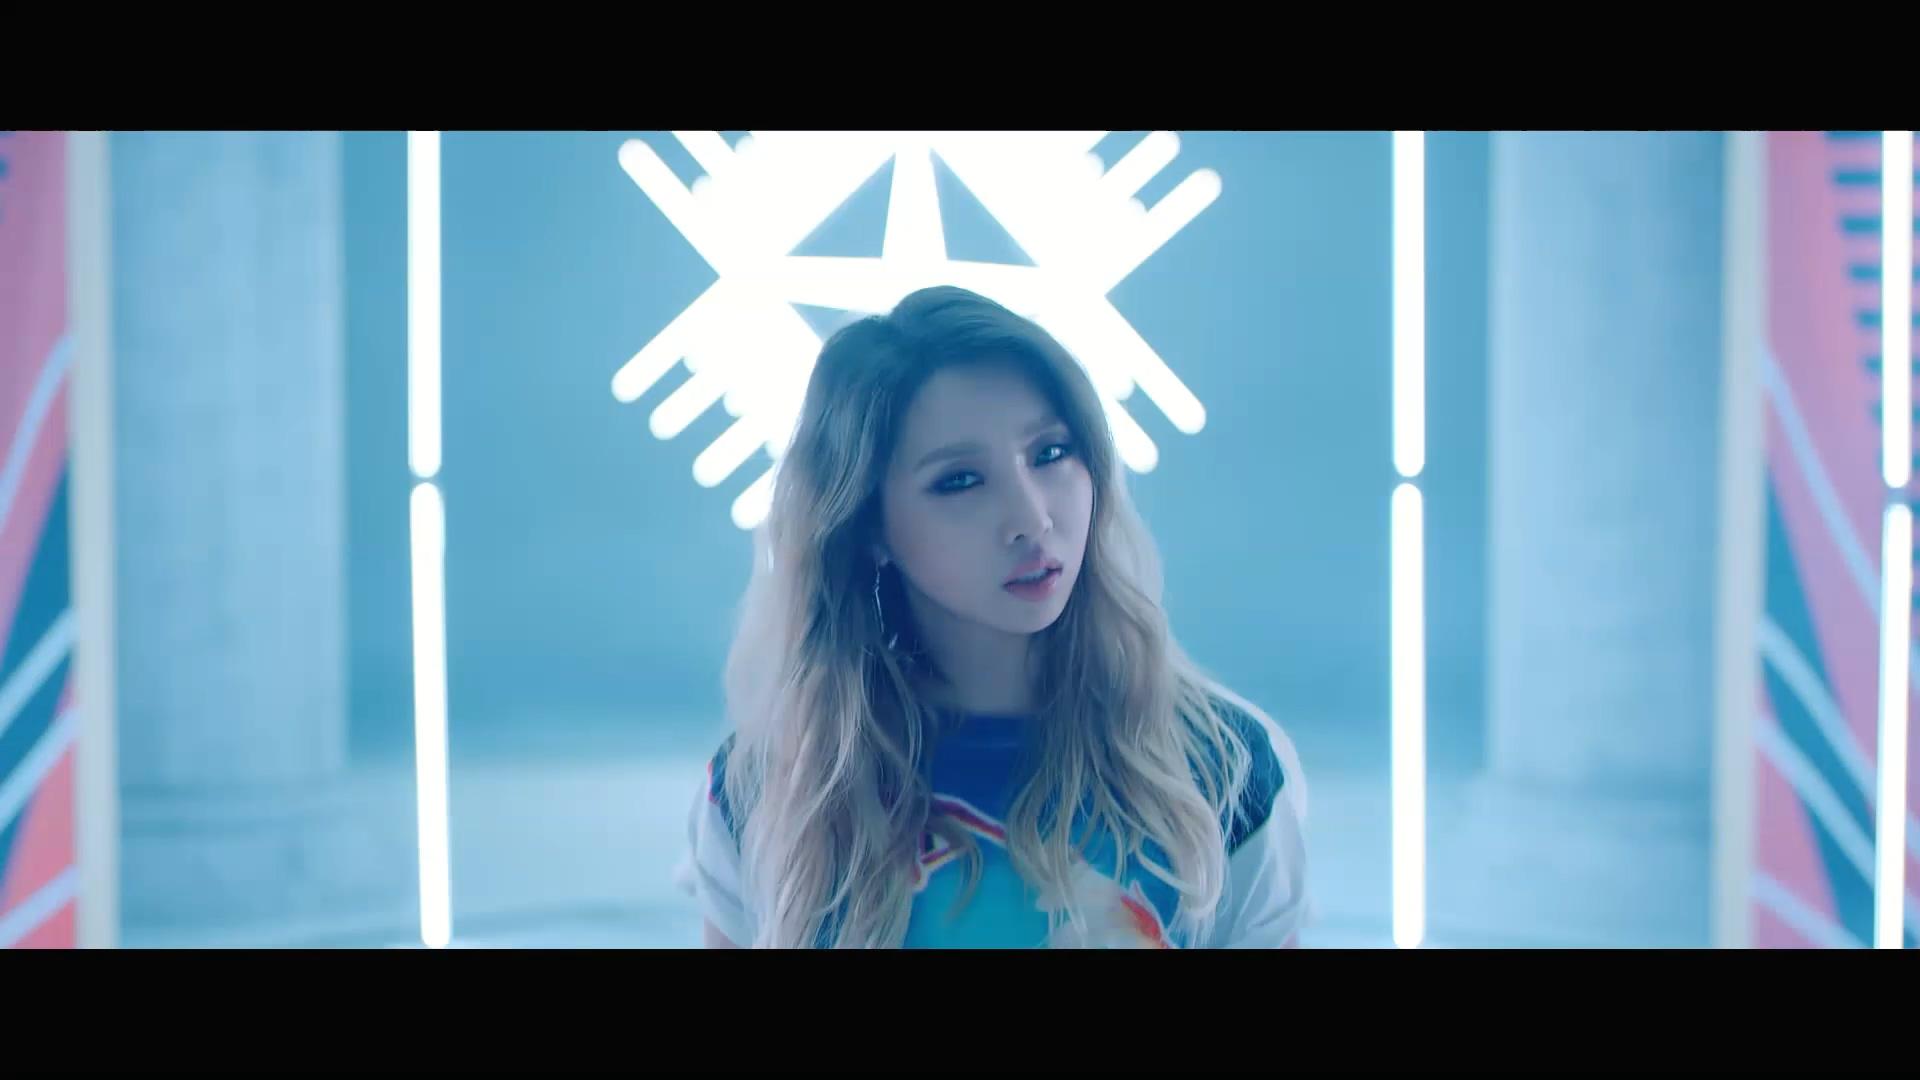 ★공민지(Minzy)★ 니나노 (Feat. 플로우식(Flowsik)) Music Video